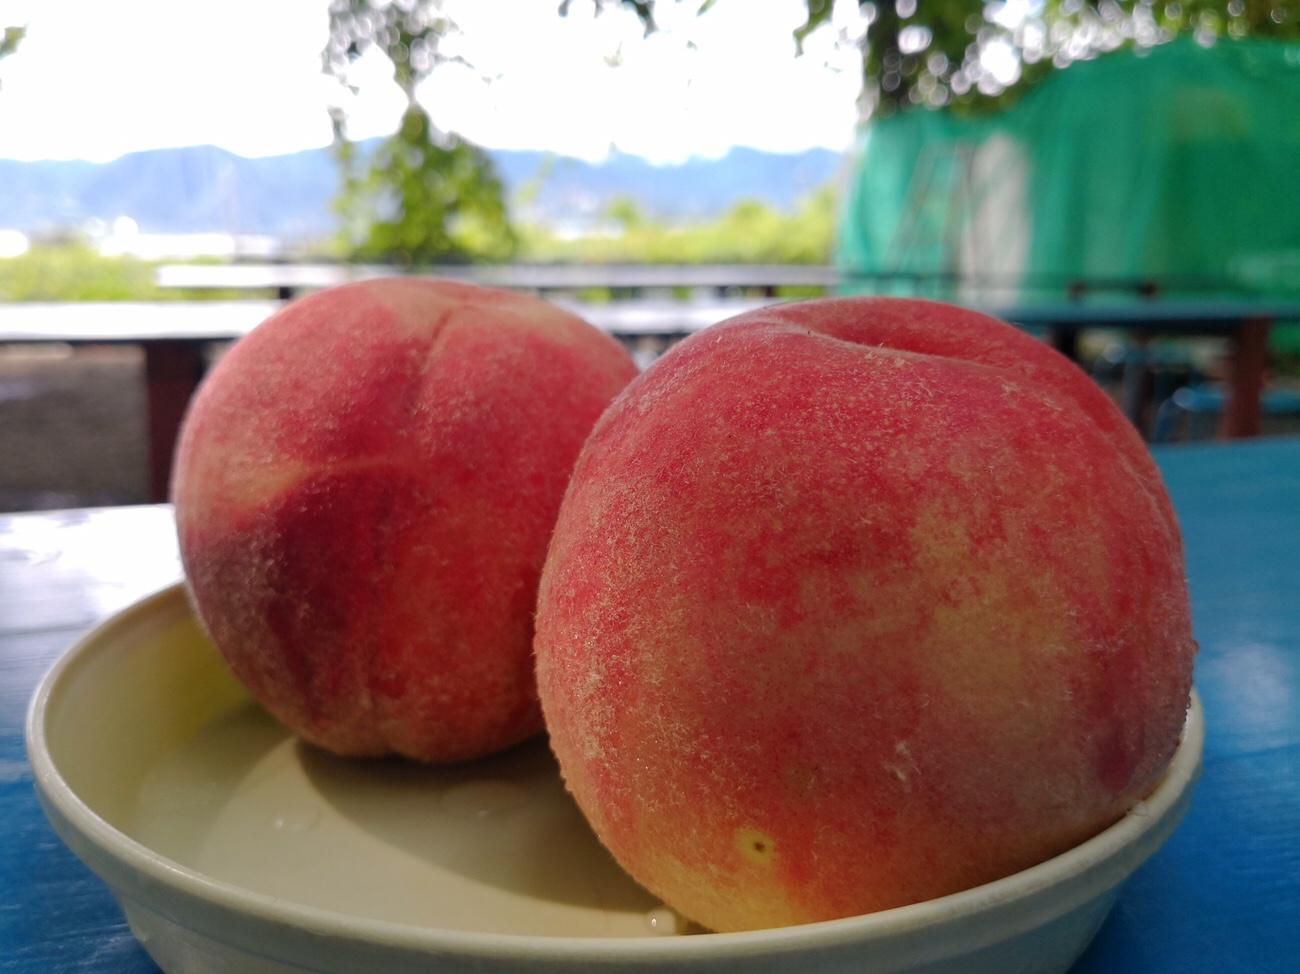 山形桃食べ放題の桃